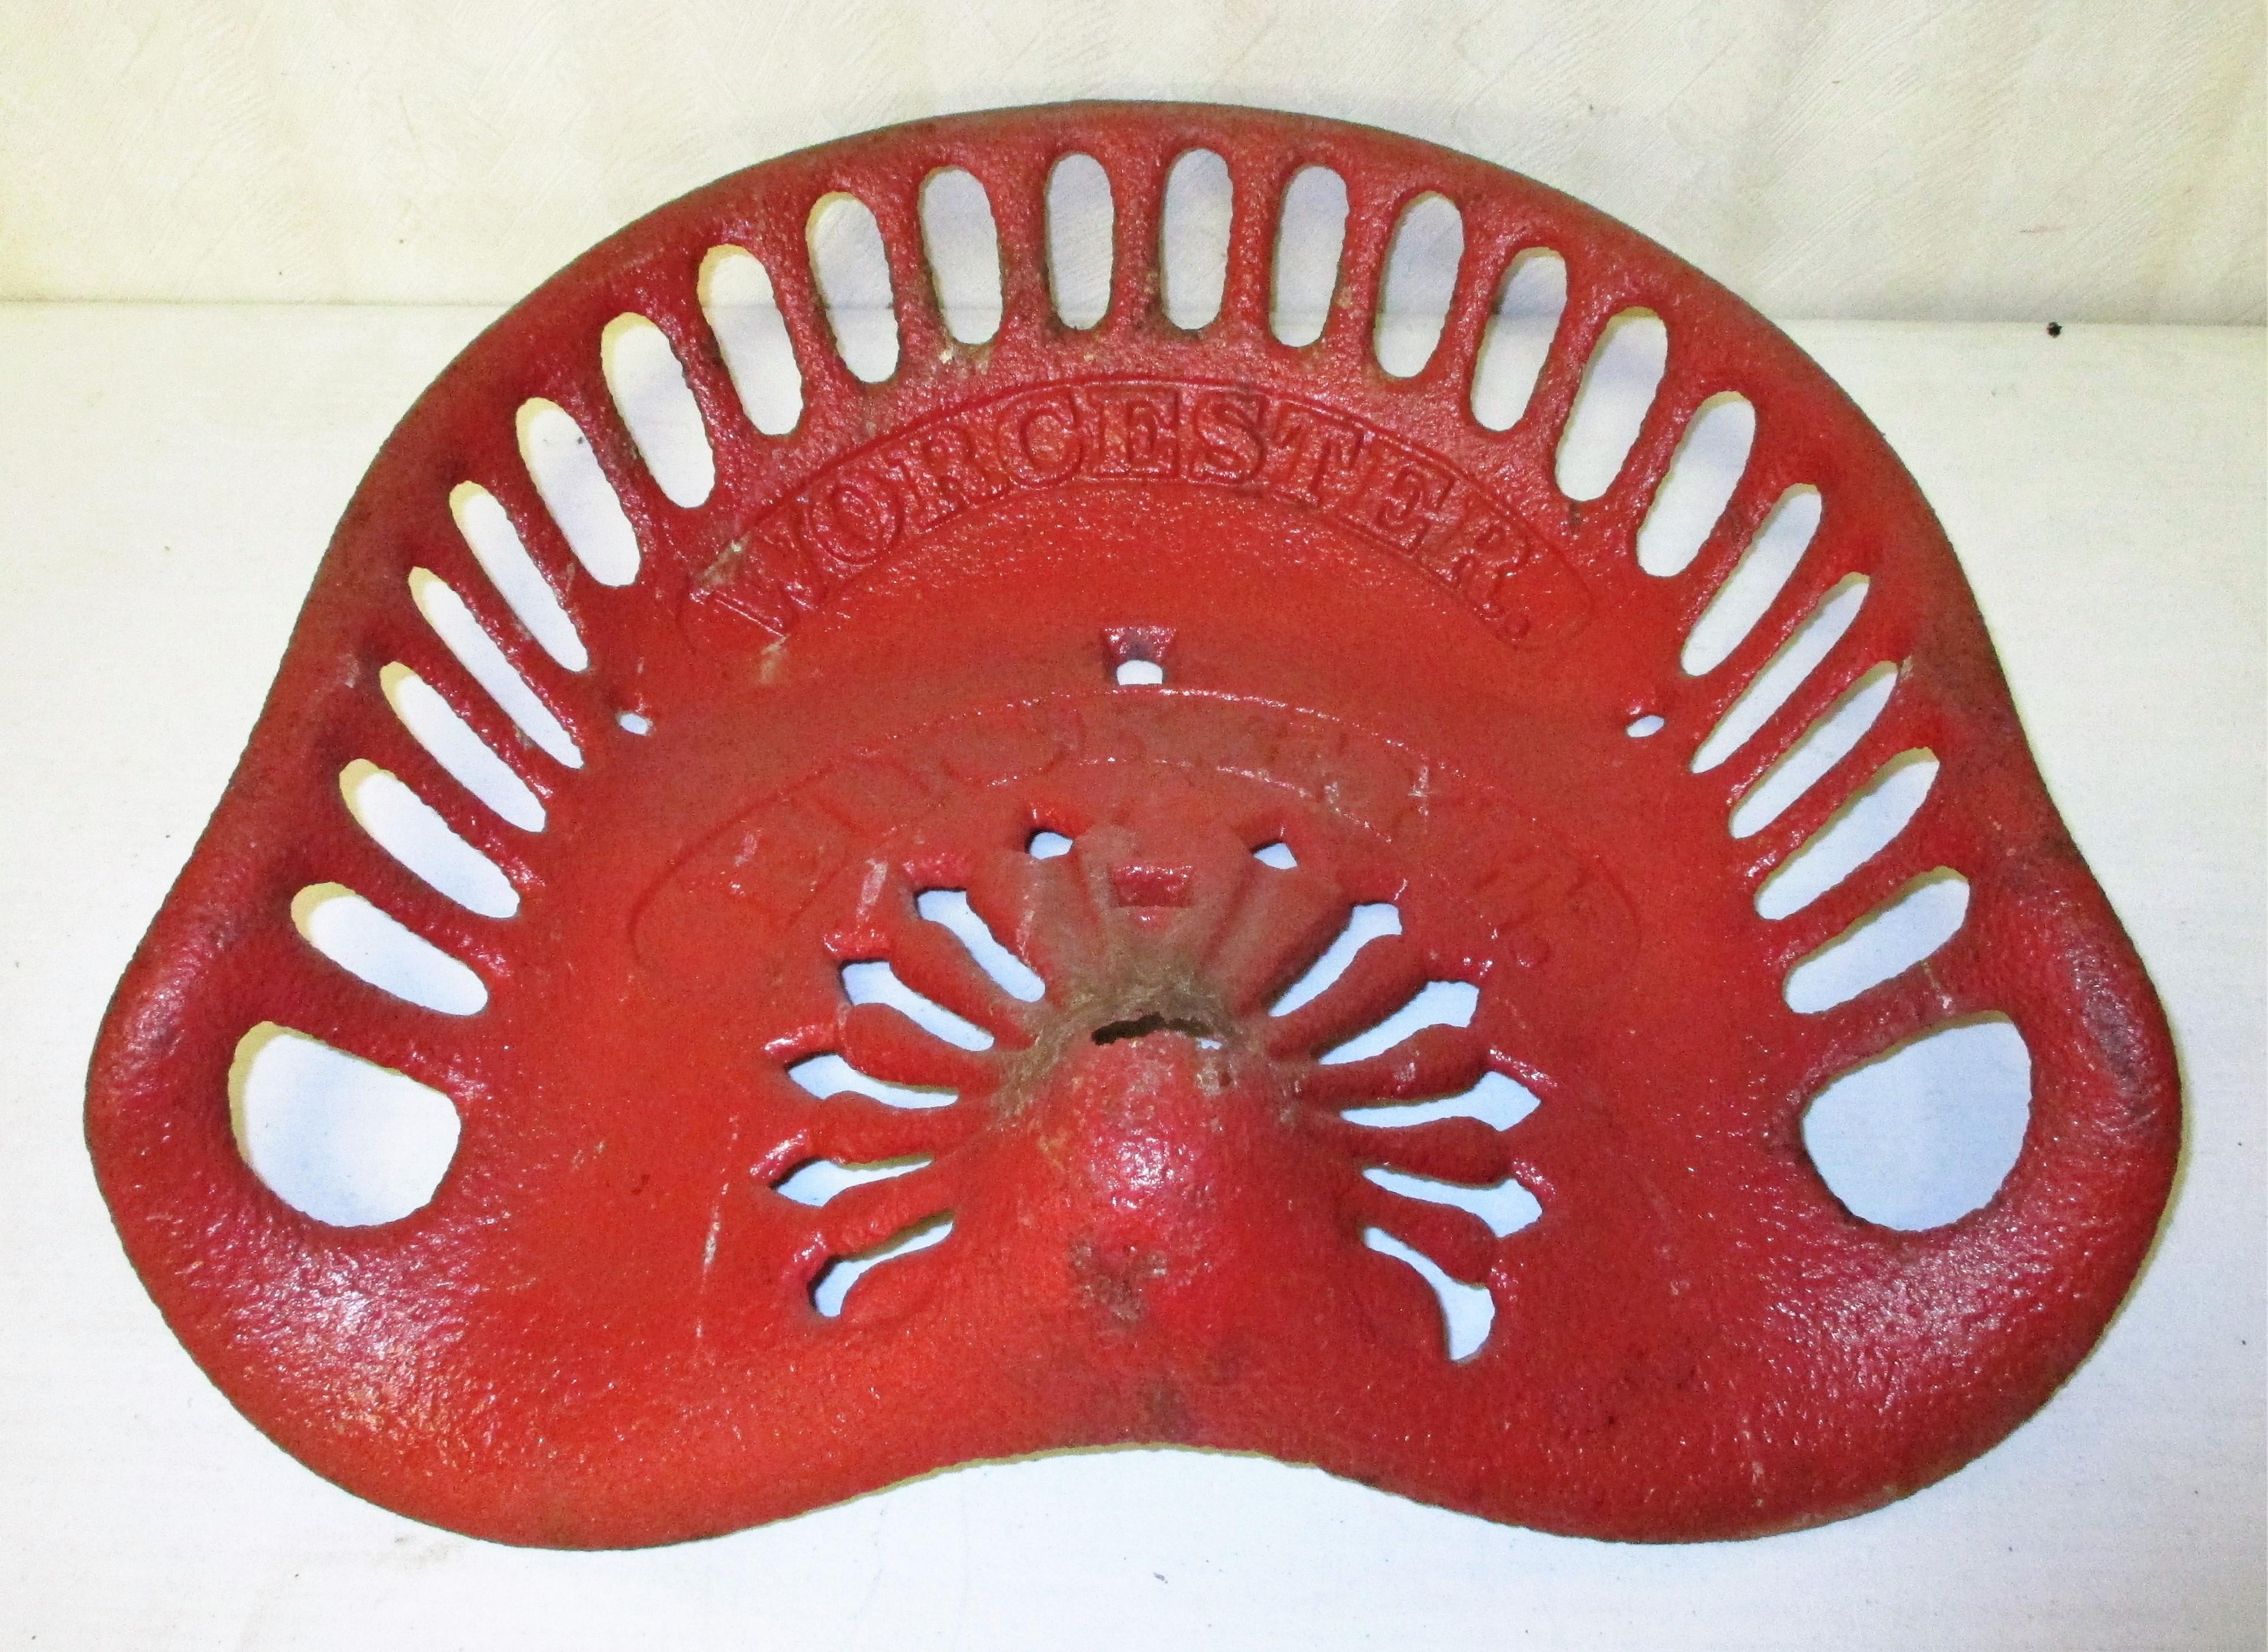 37: Buckeye Cast Iron Seat